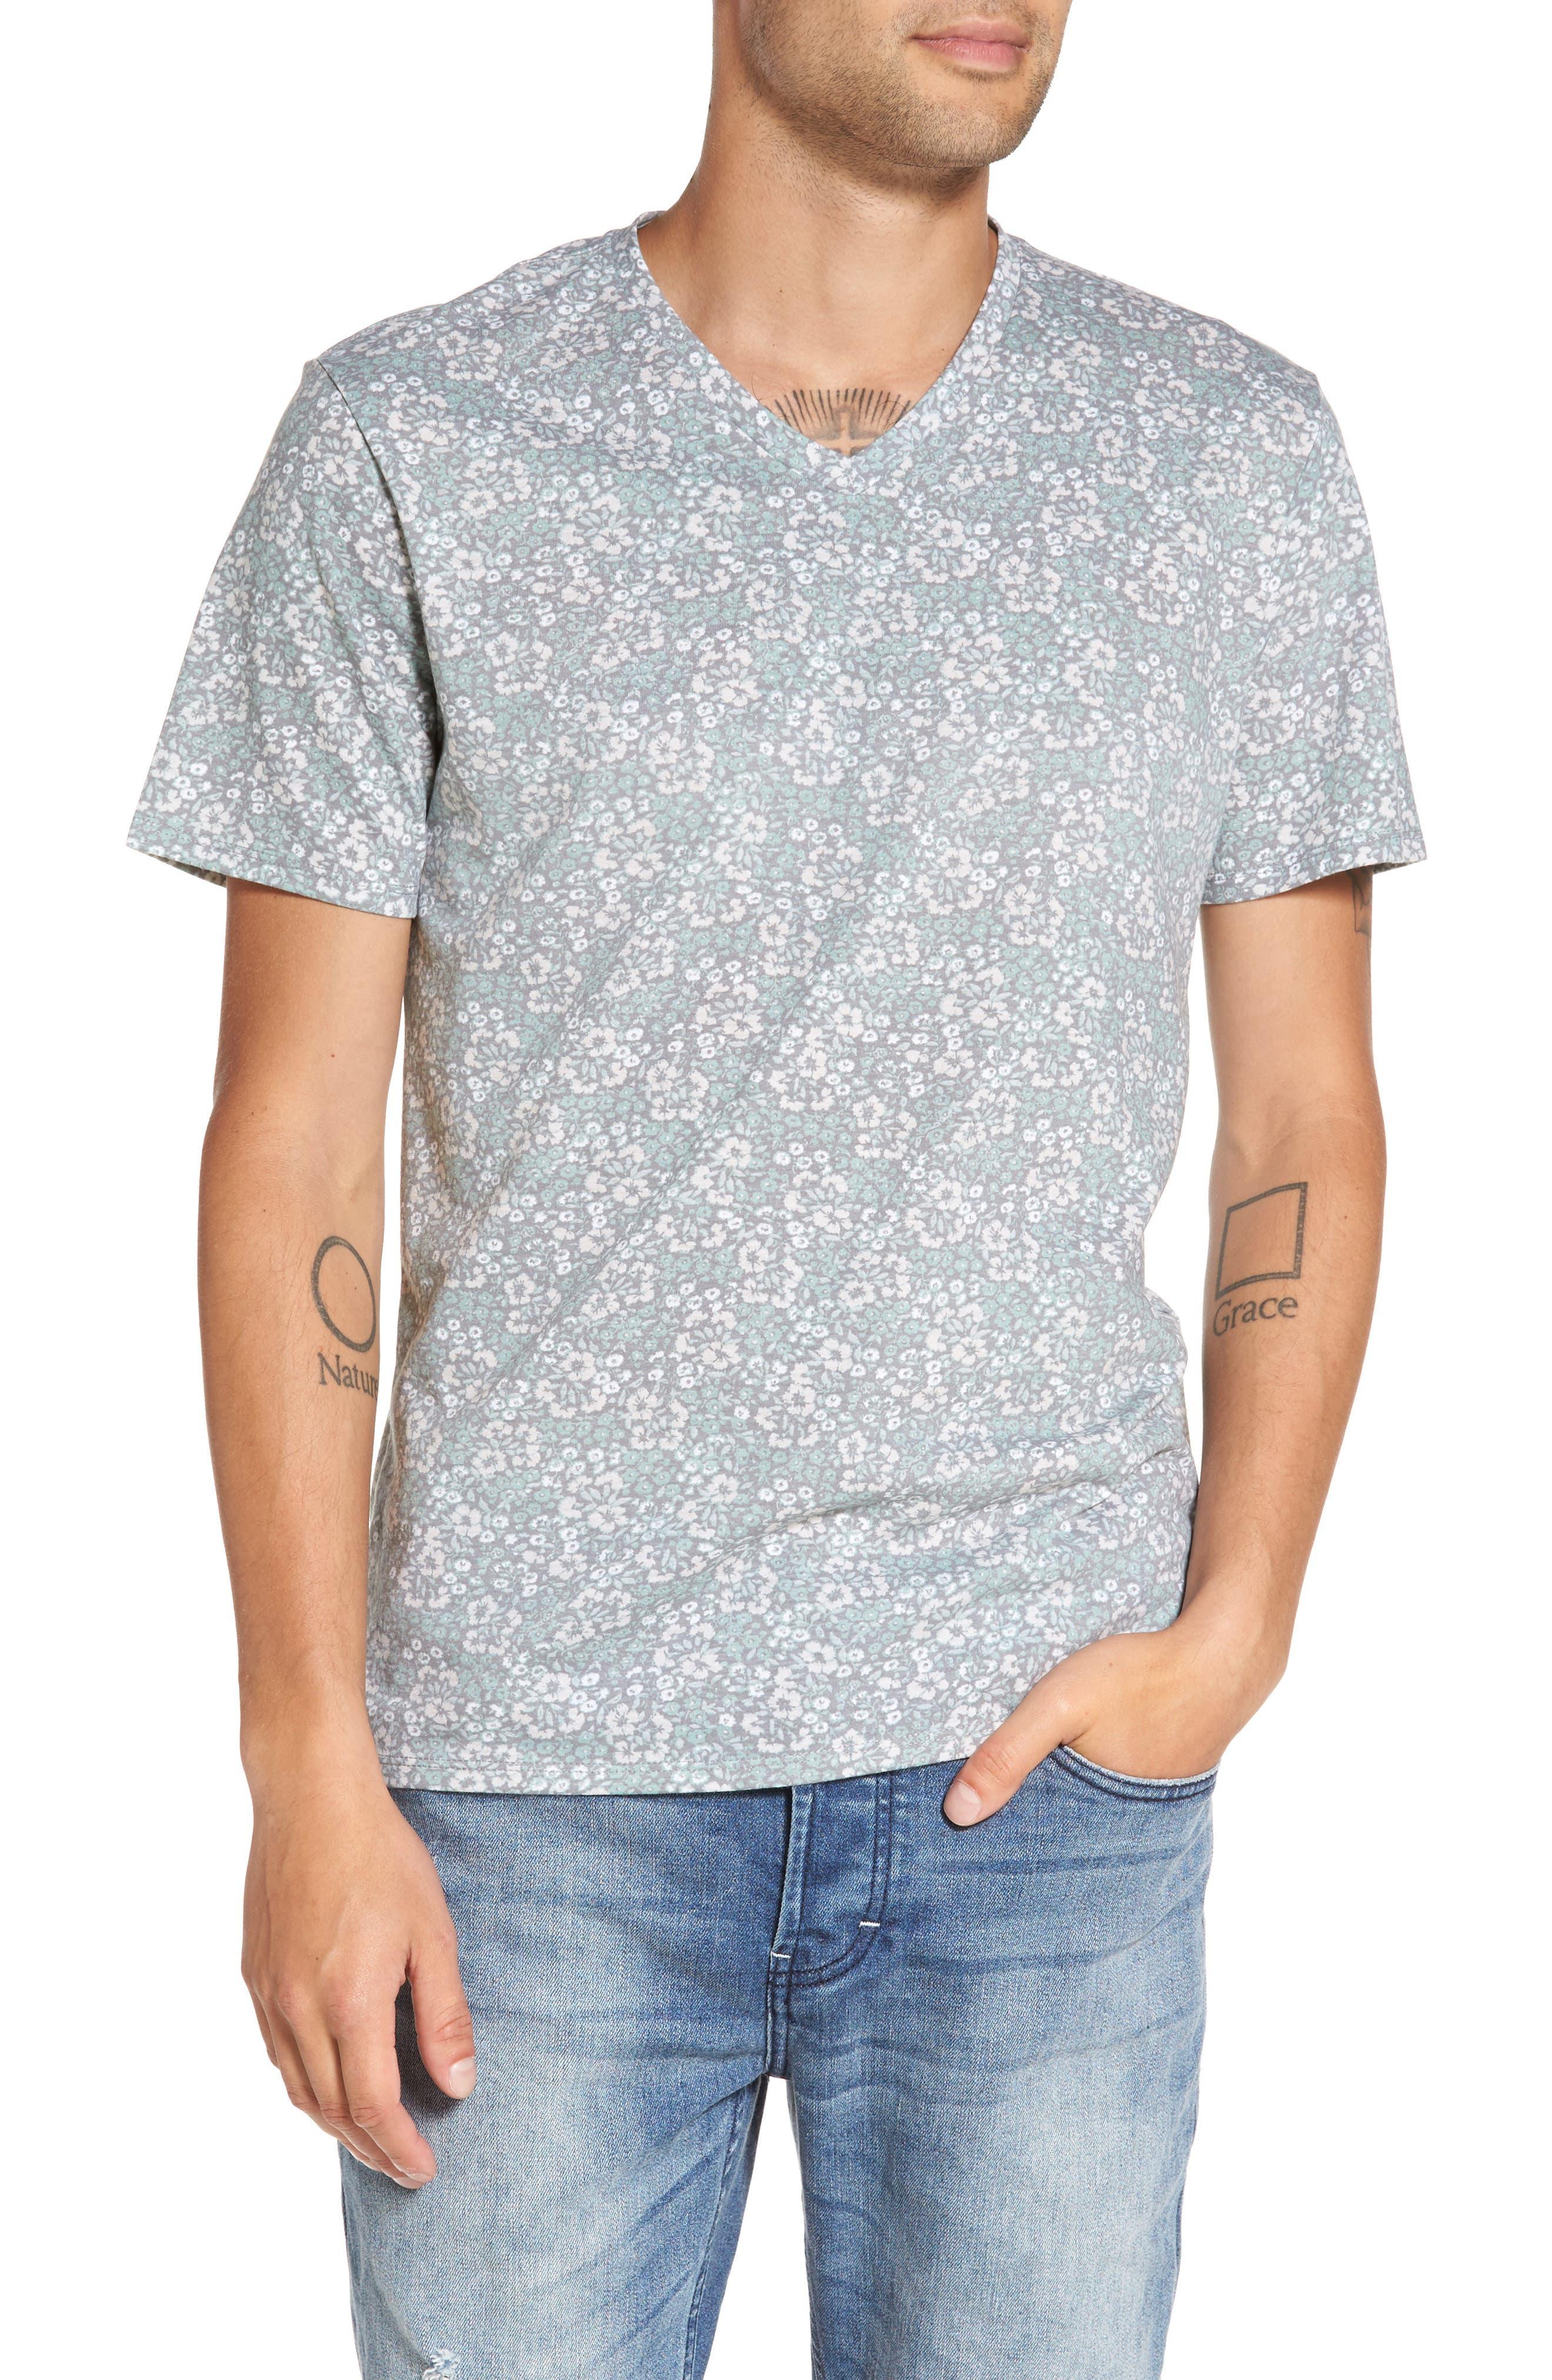 The Rail V-Neck T-Shirt